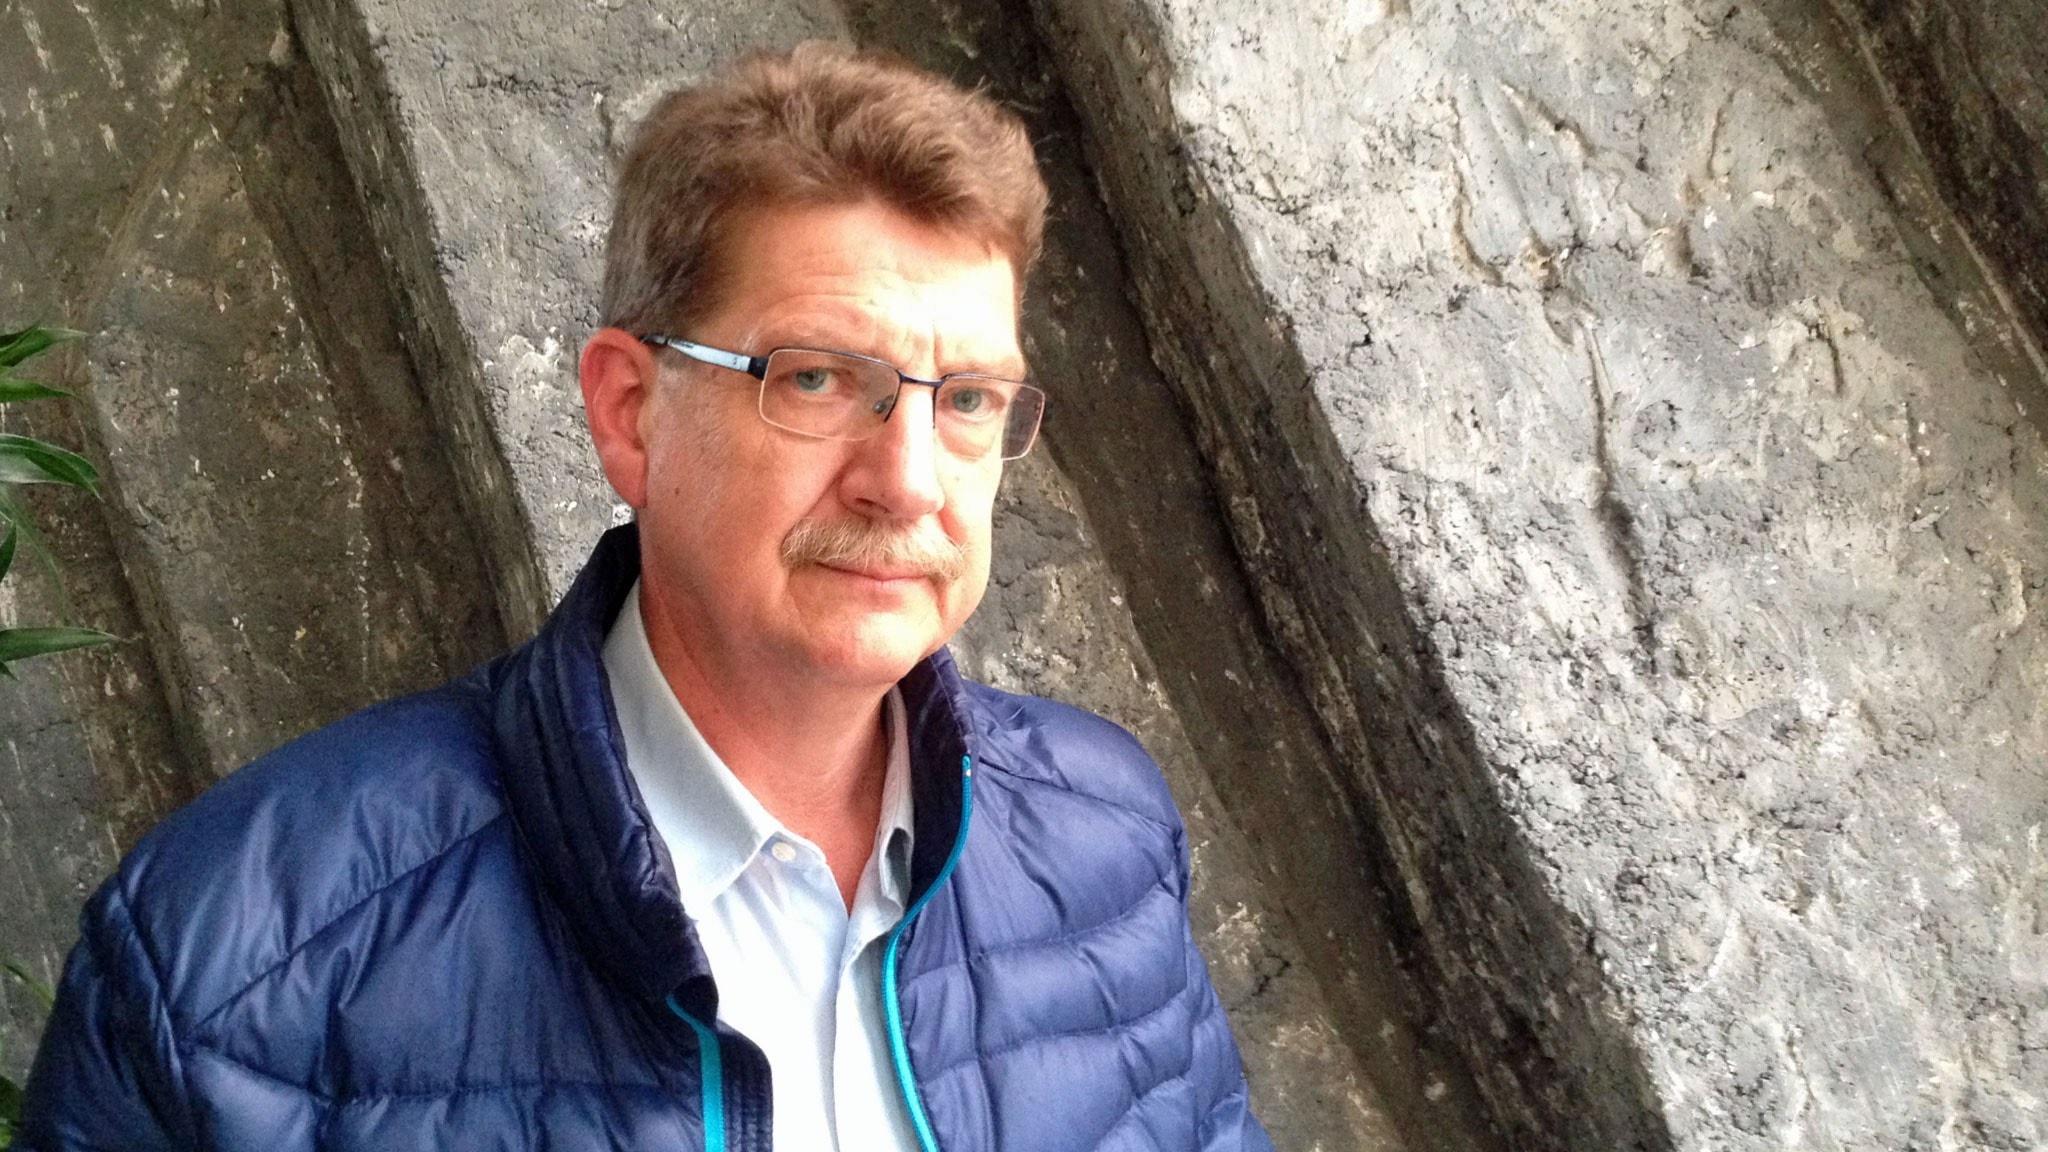 Michael Tjernström om vart temperaturökningen kan leda oss